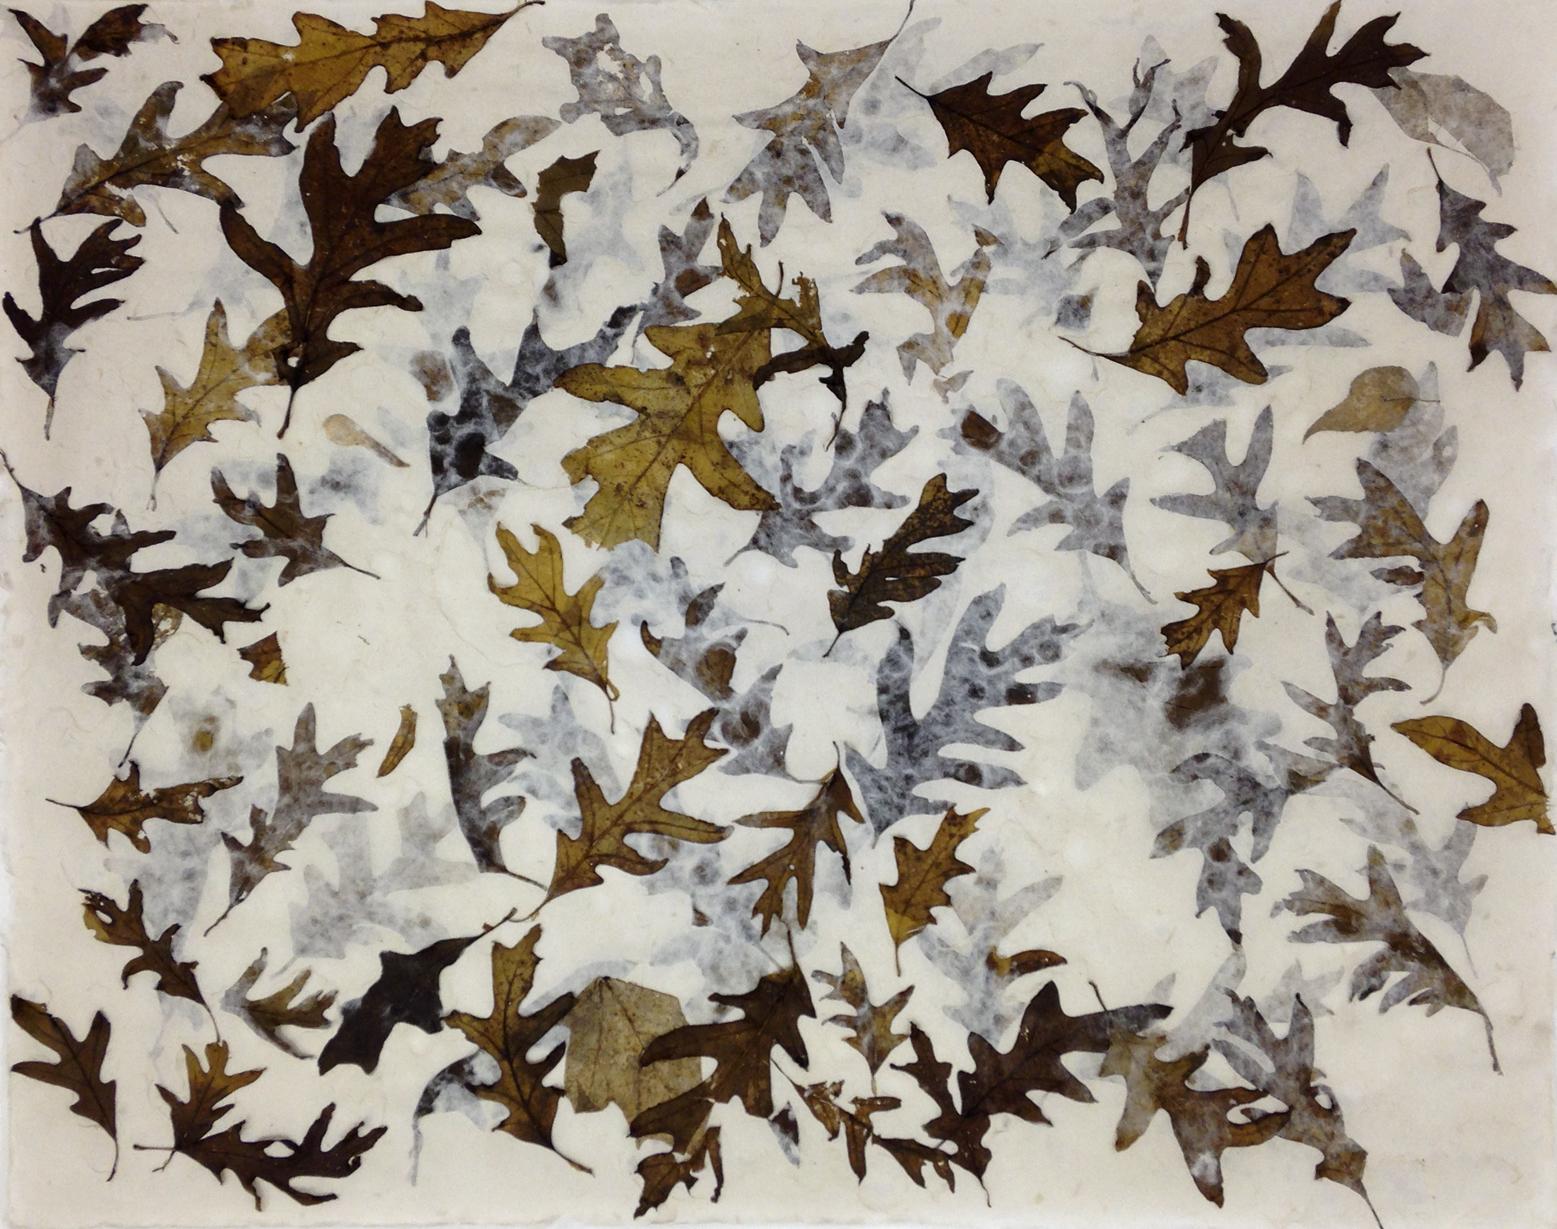 Autumn Maelstrom-2 Leaf Relic Series